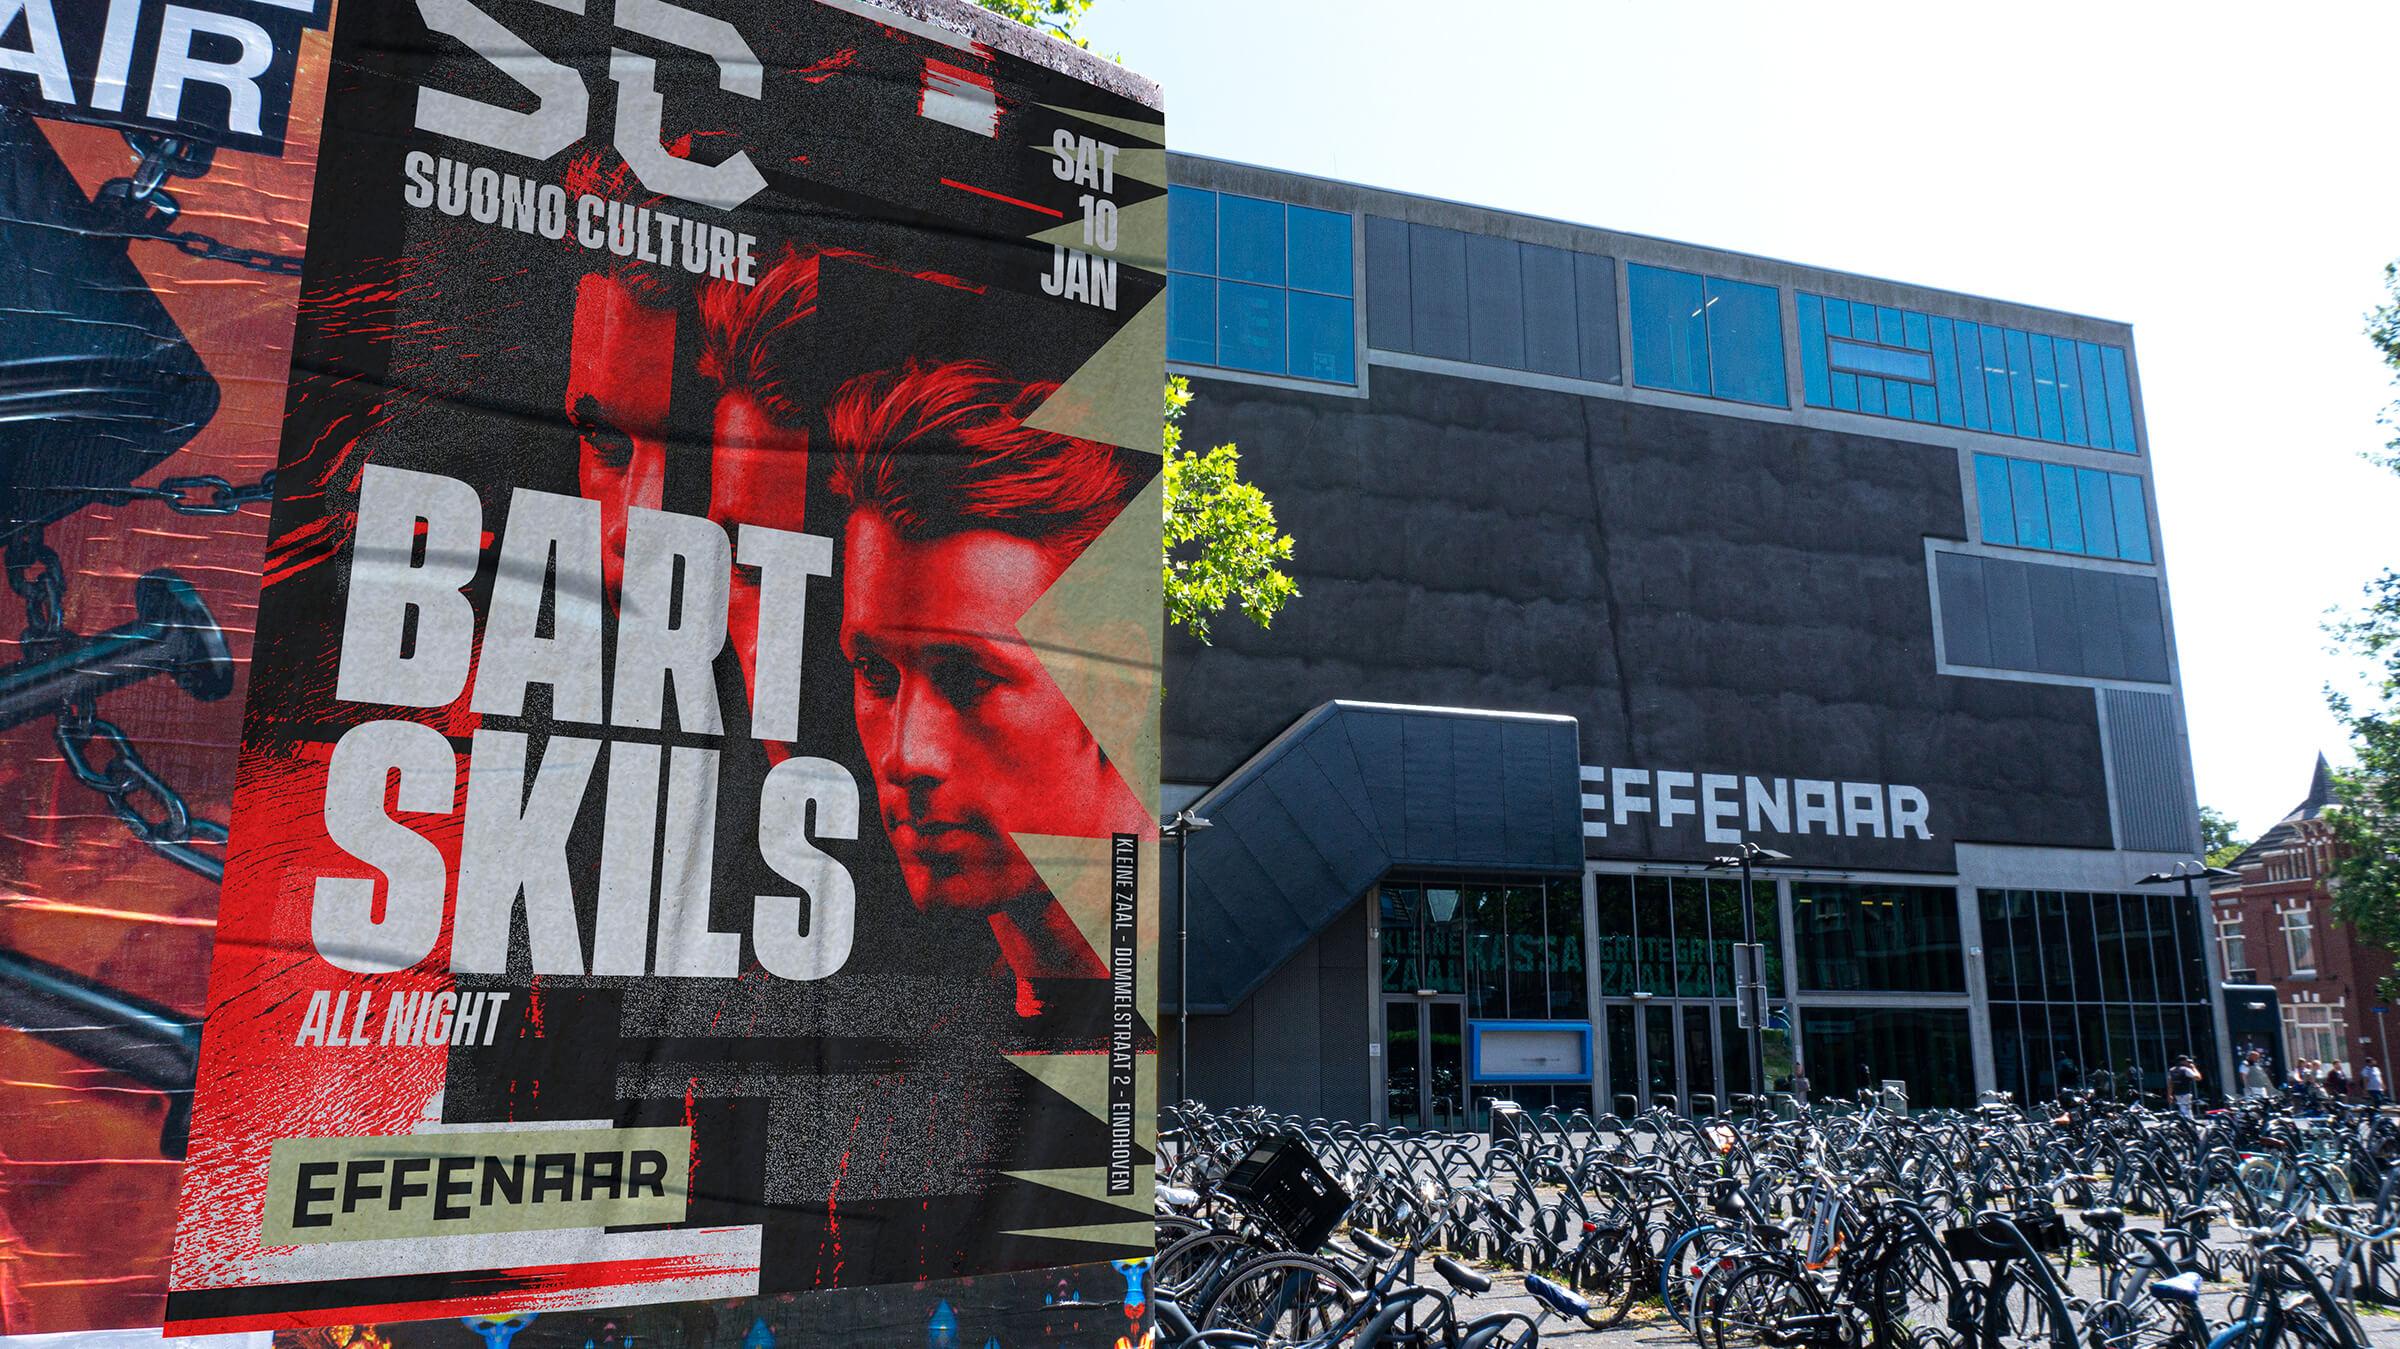 SC_poster-Bart-Skils